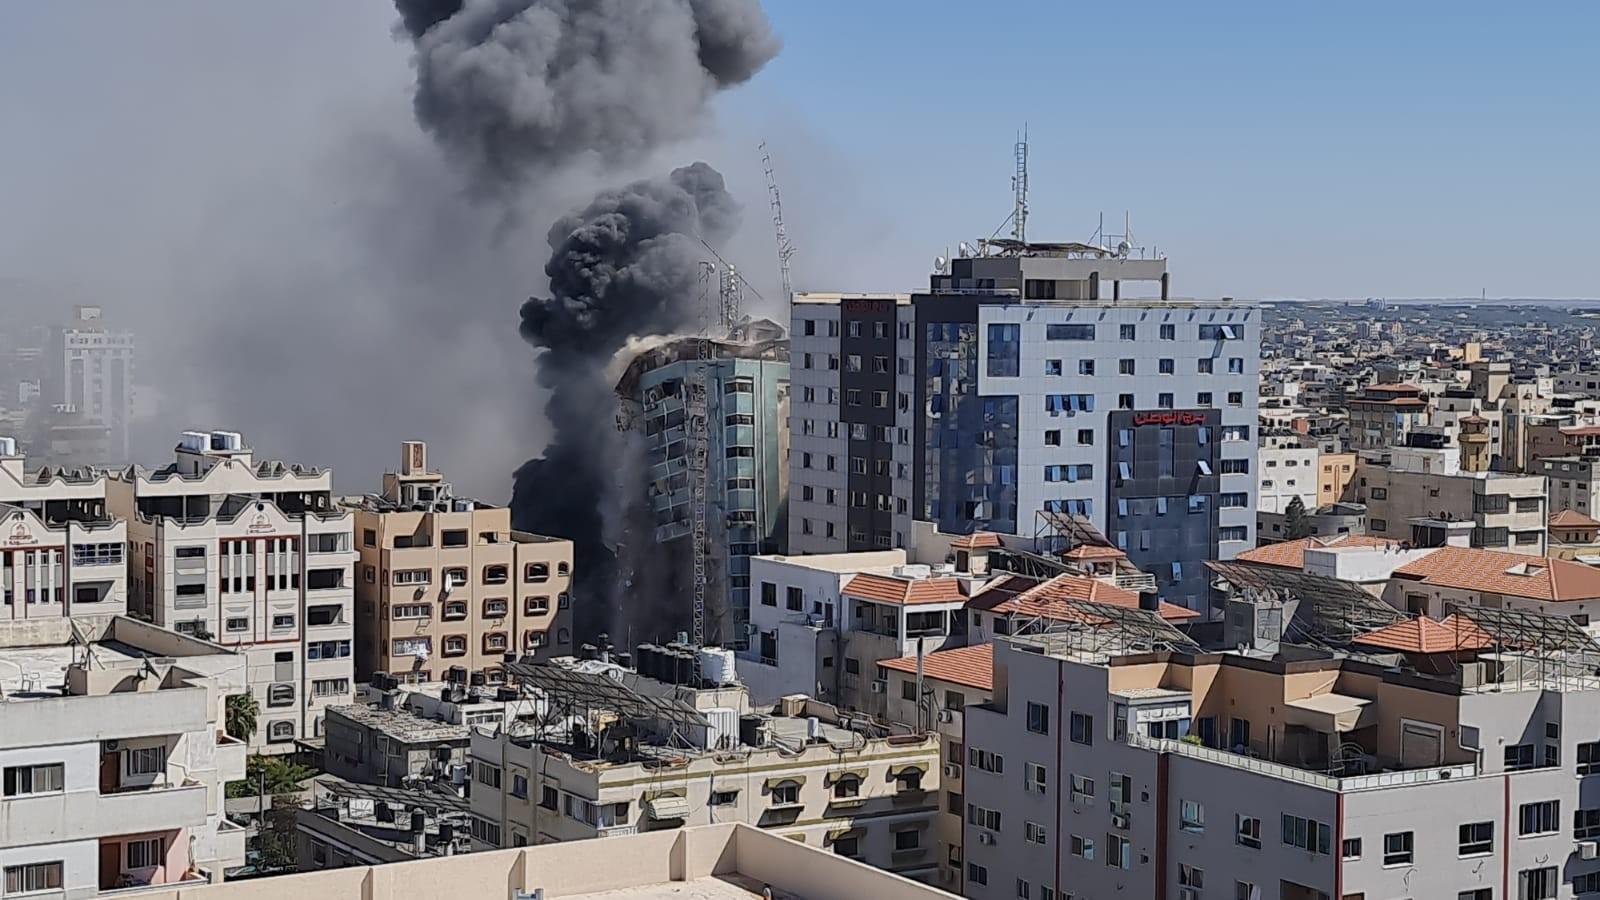 قصف برج الجلاء الذي يحتوى على مكاتب صحفية